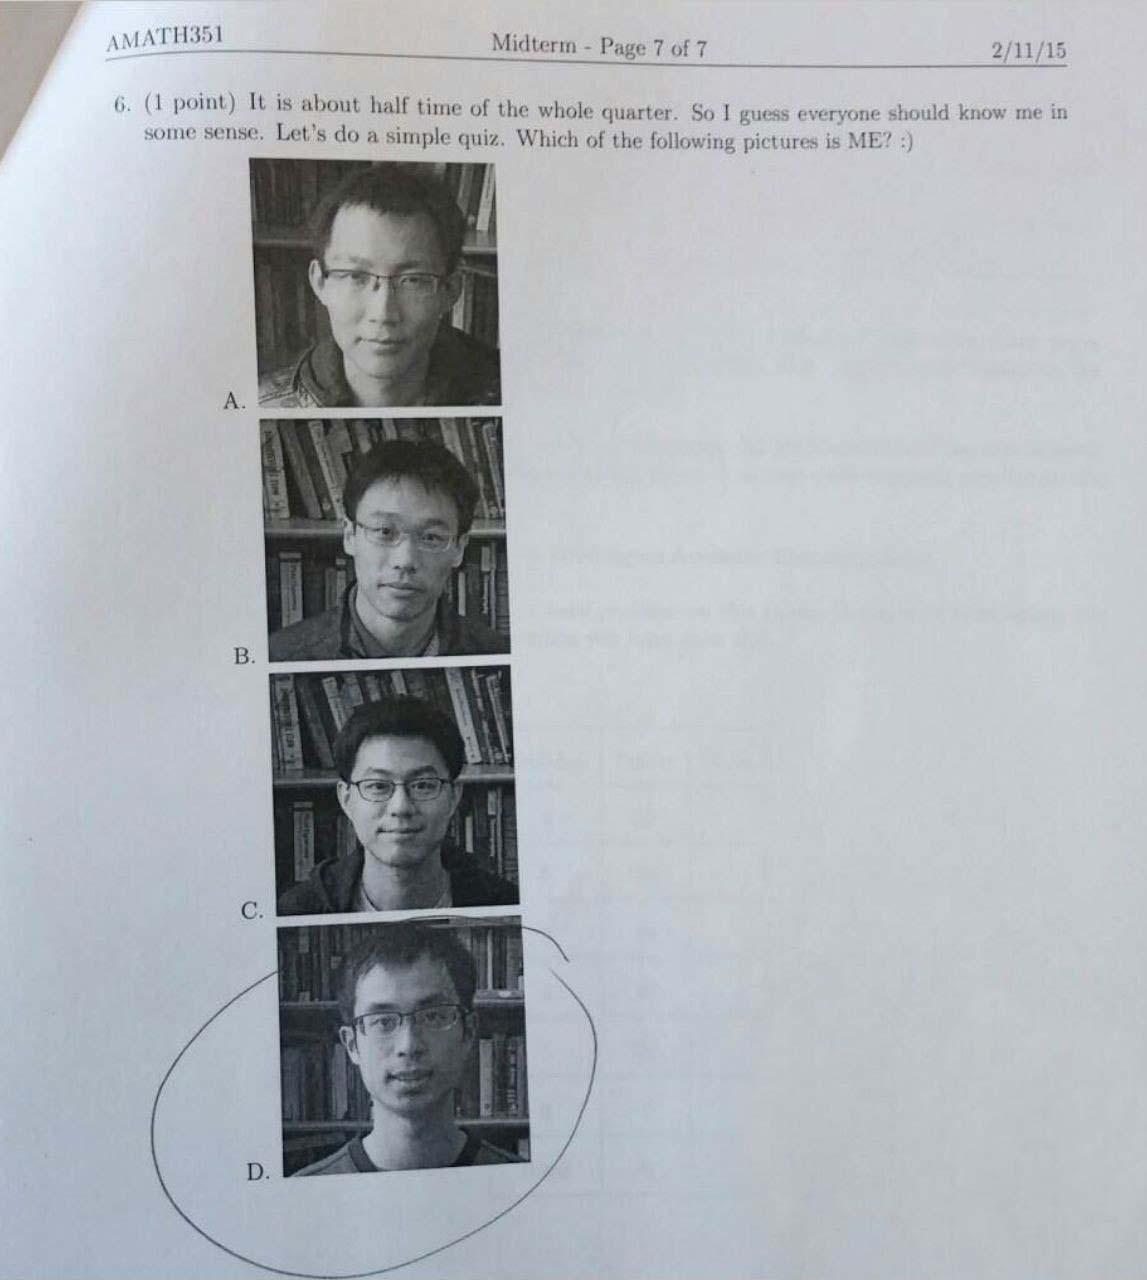 سوال امتحانی عجیب استاد ژاپنی از دانشجویان+عکس